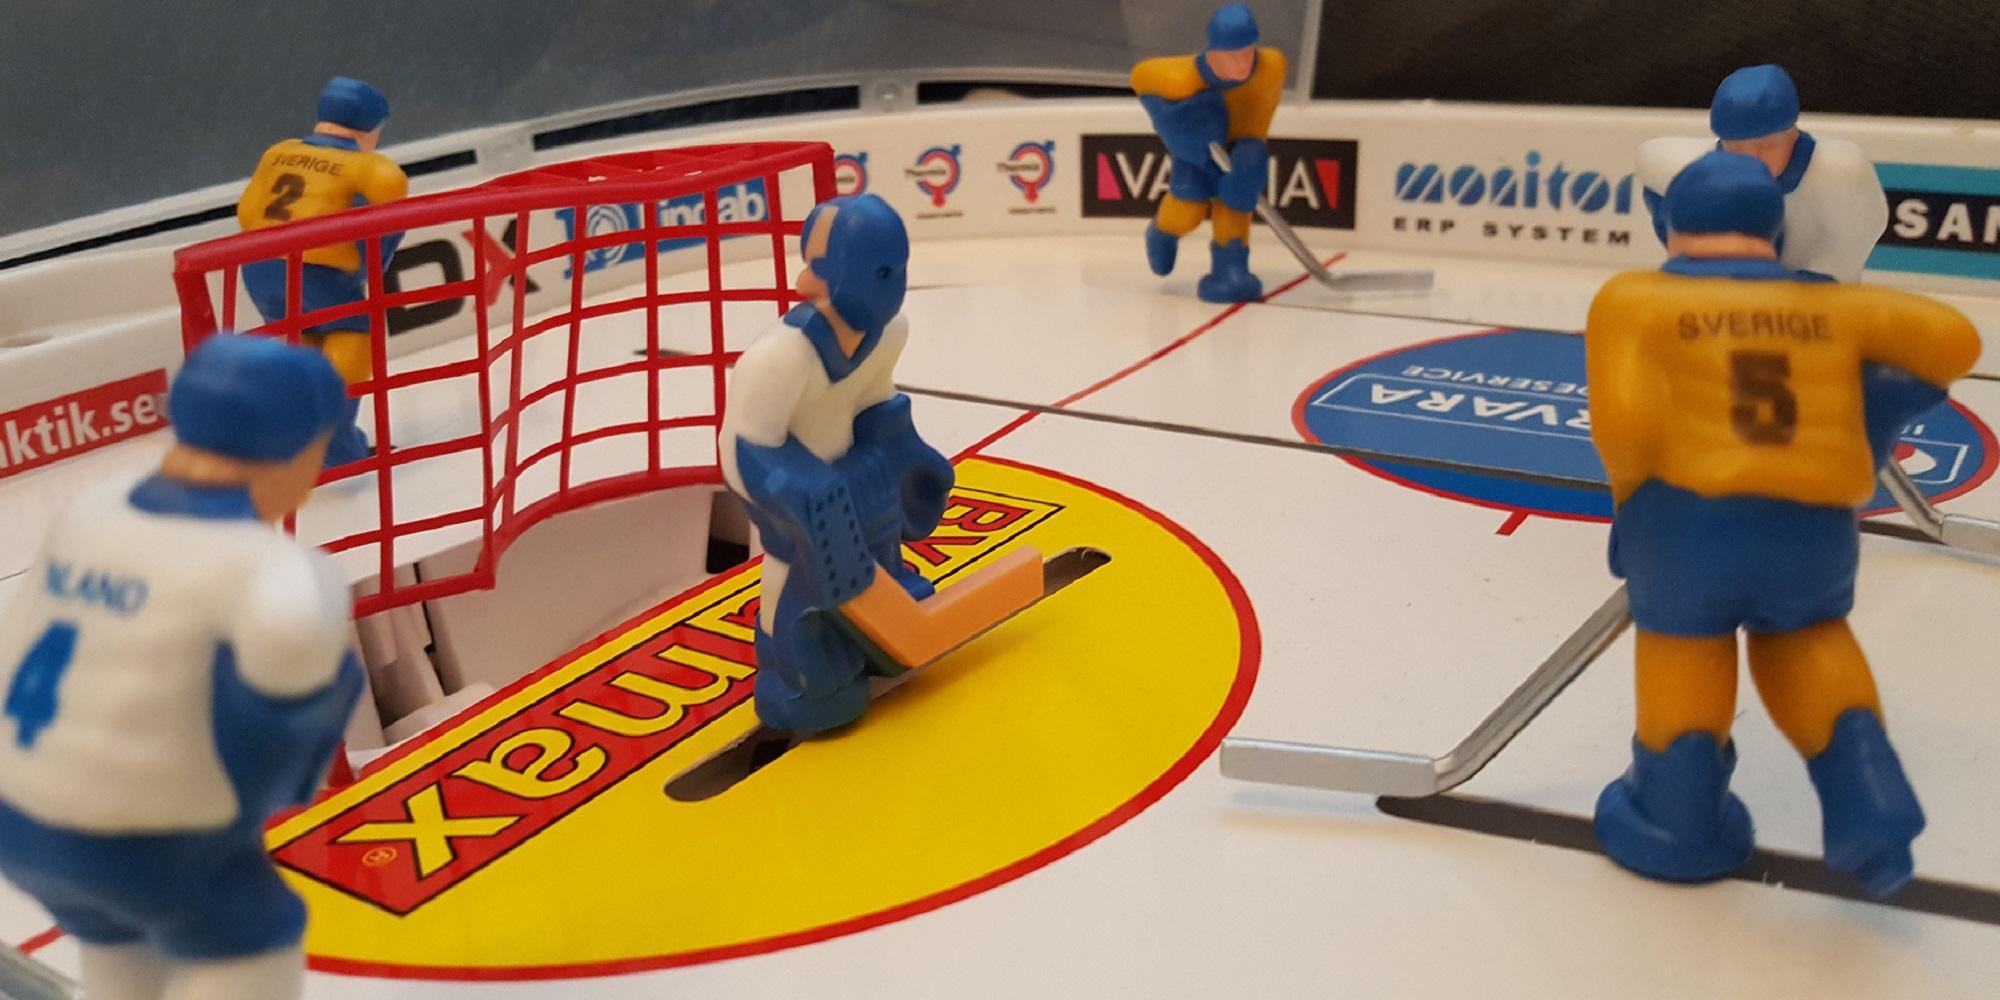 Suomi Ruotsi Jääkiekko peli